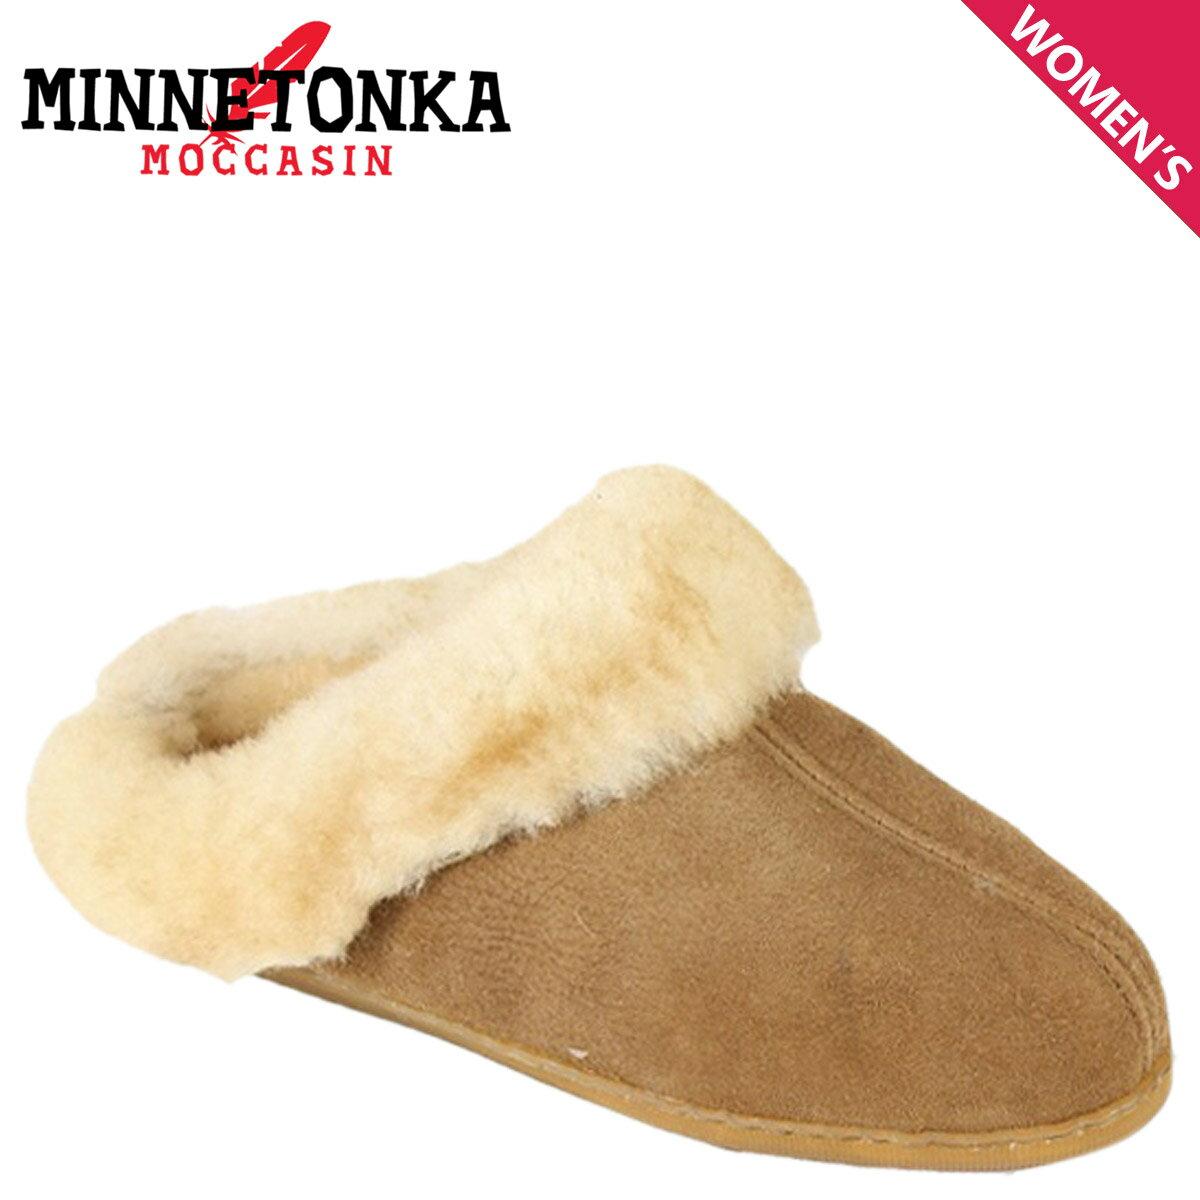 MINNETONKA ミネトンカ シープスキン ミュール SHEEPSKIN MULE レディース